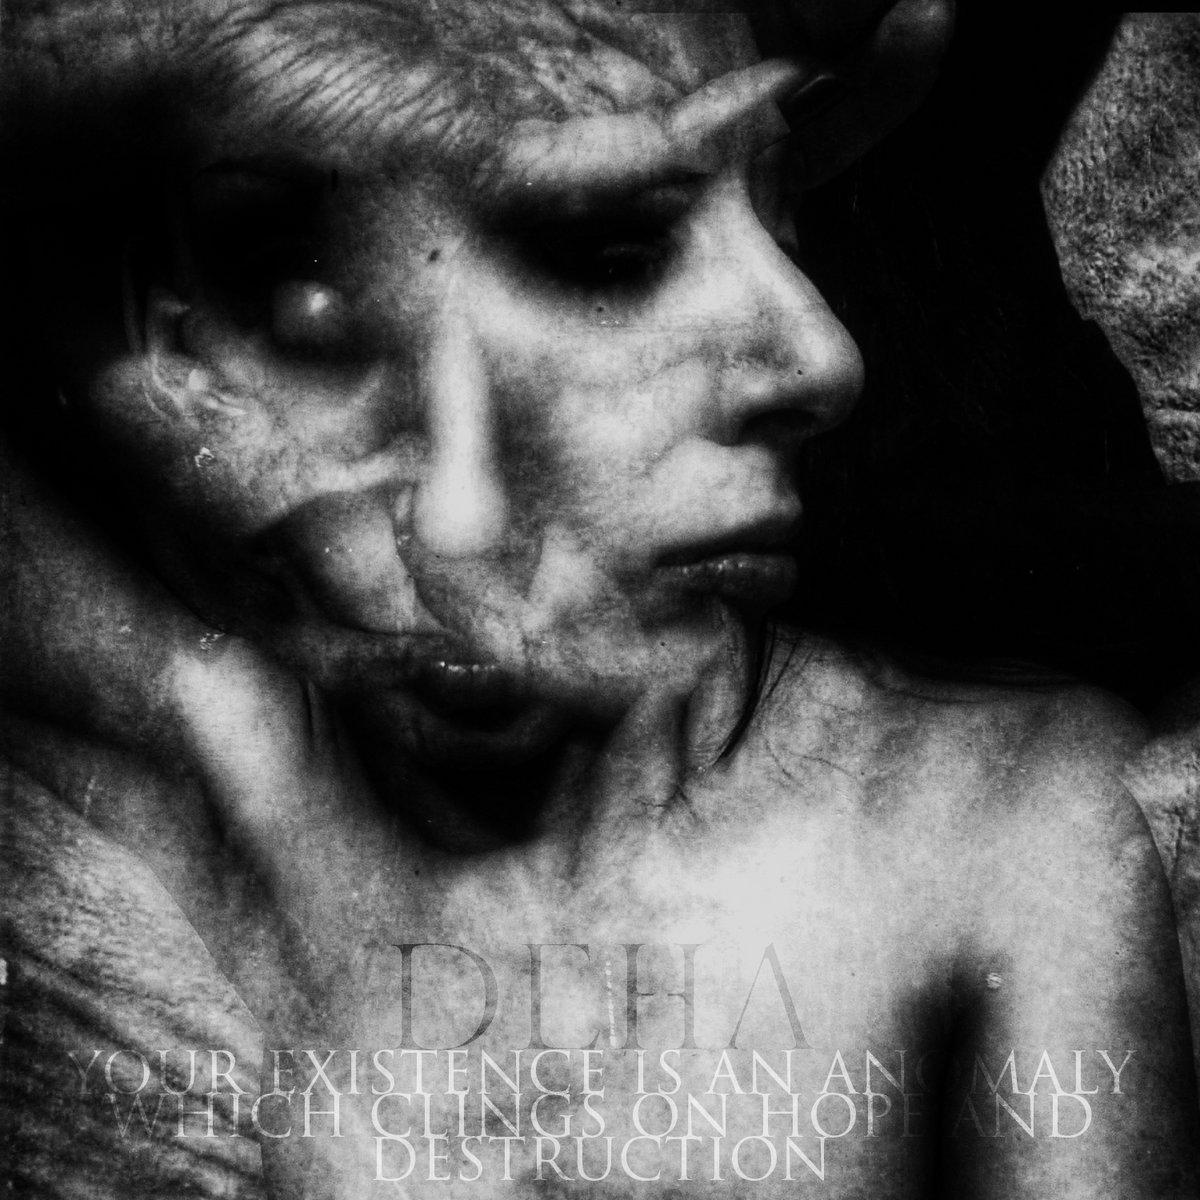 DÉHÀ dévoile le nouveau morceau «Your Existence is an anomaly which clings on hope and destruction»